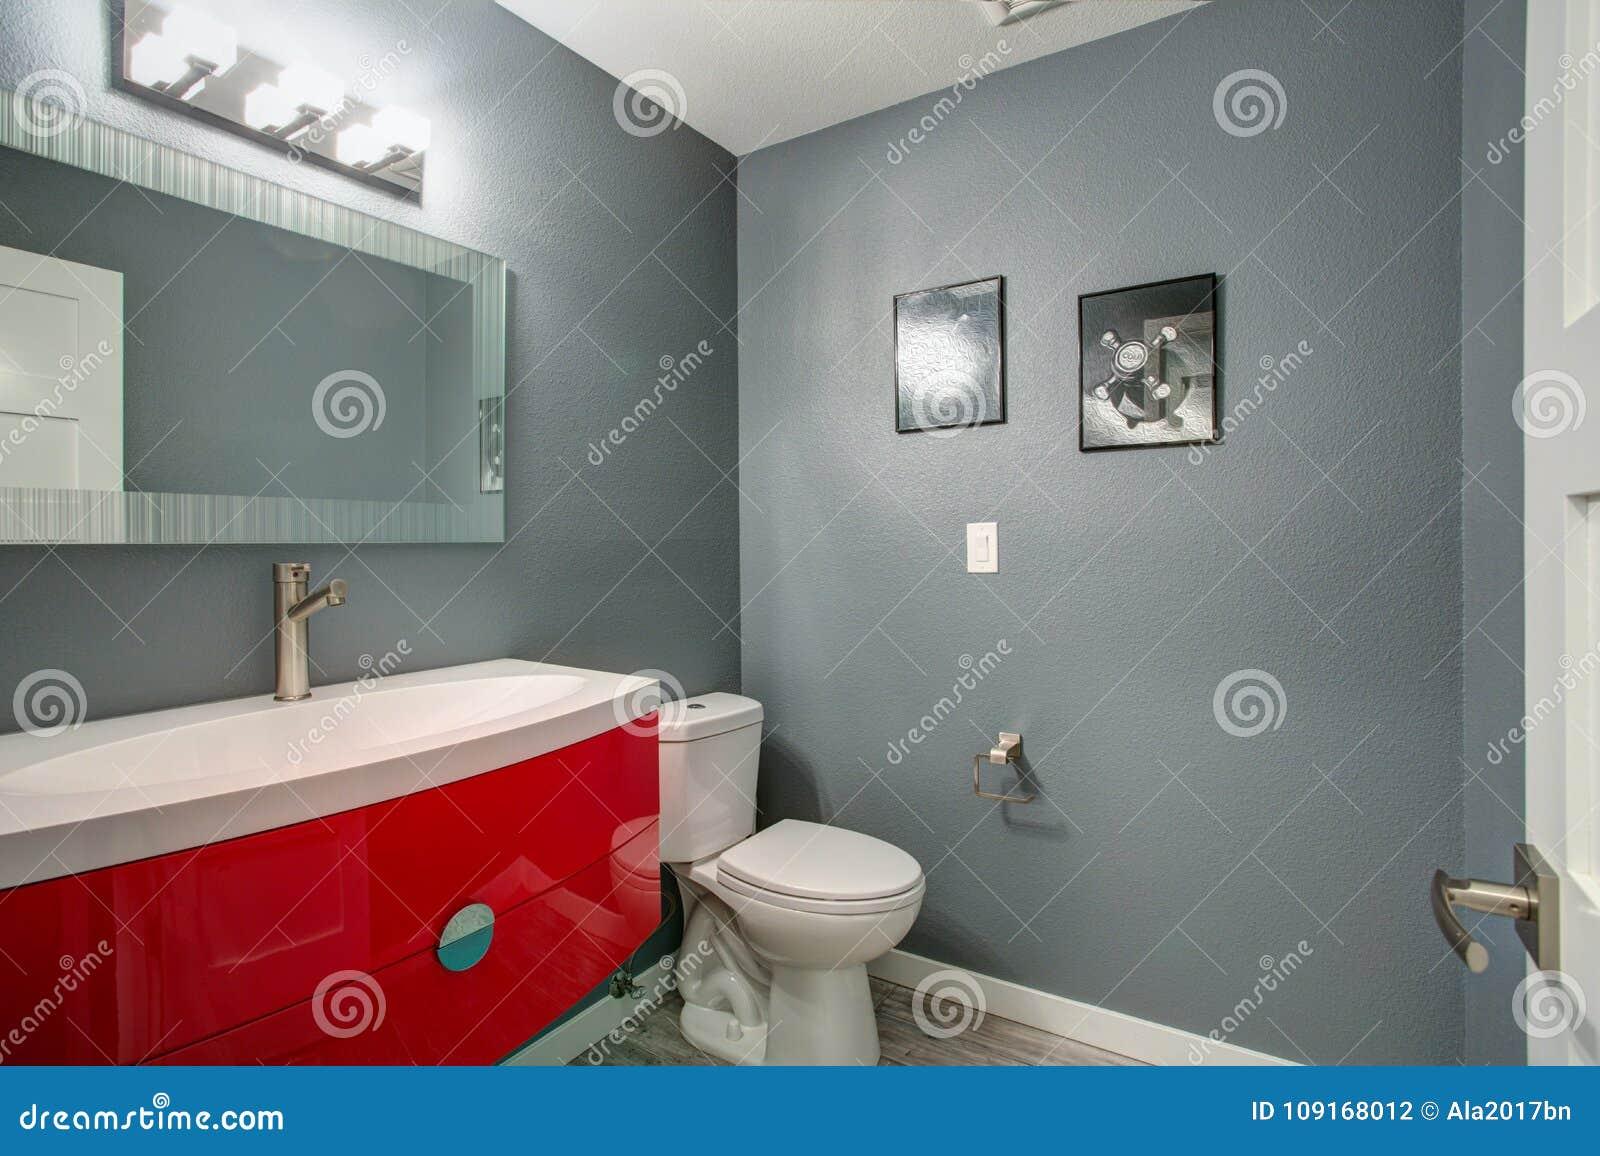 Graues und rotes Badezimmerdesign in frisch nach Hause erneuert